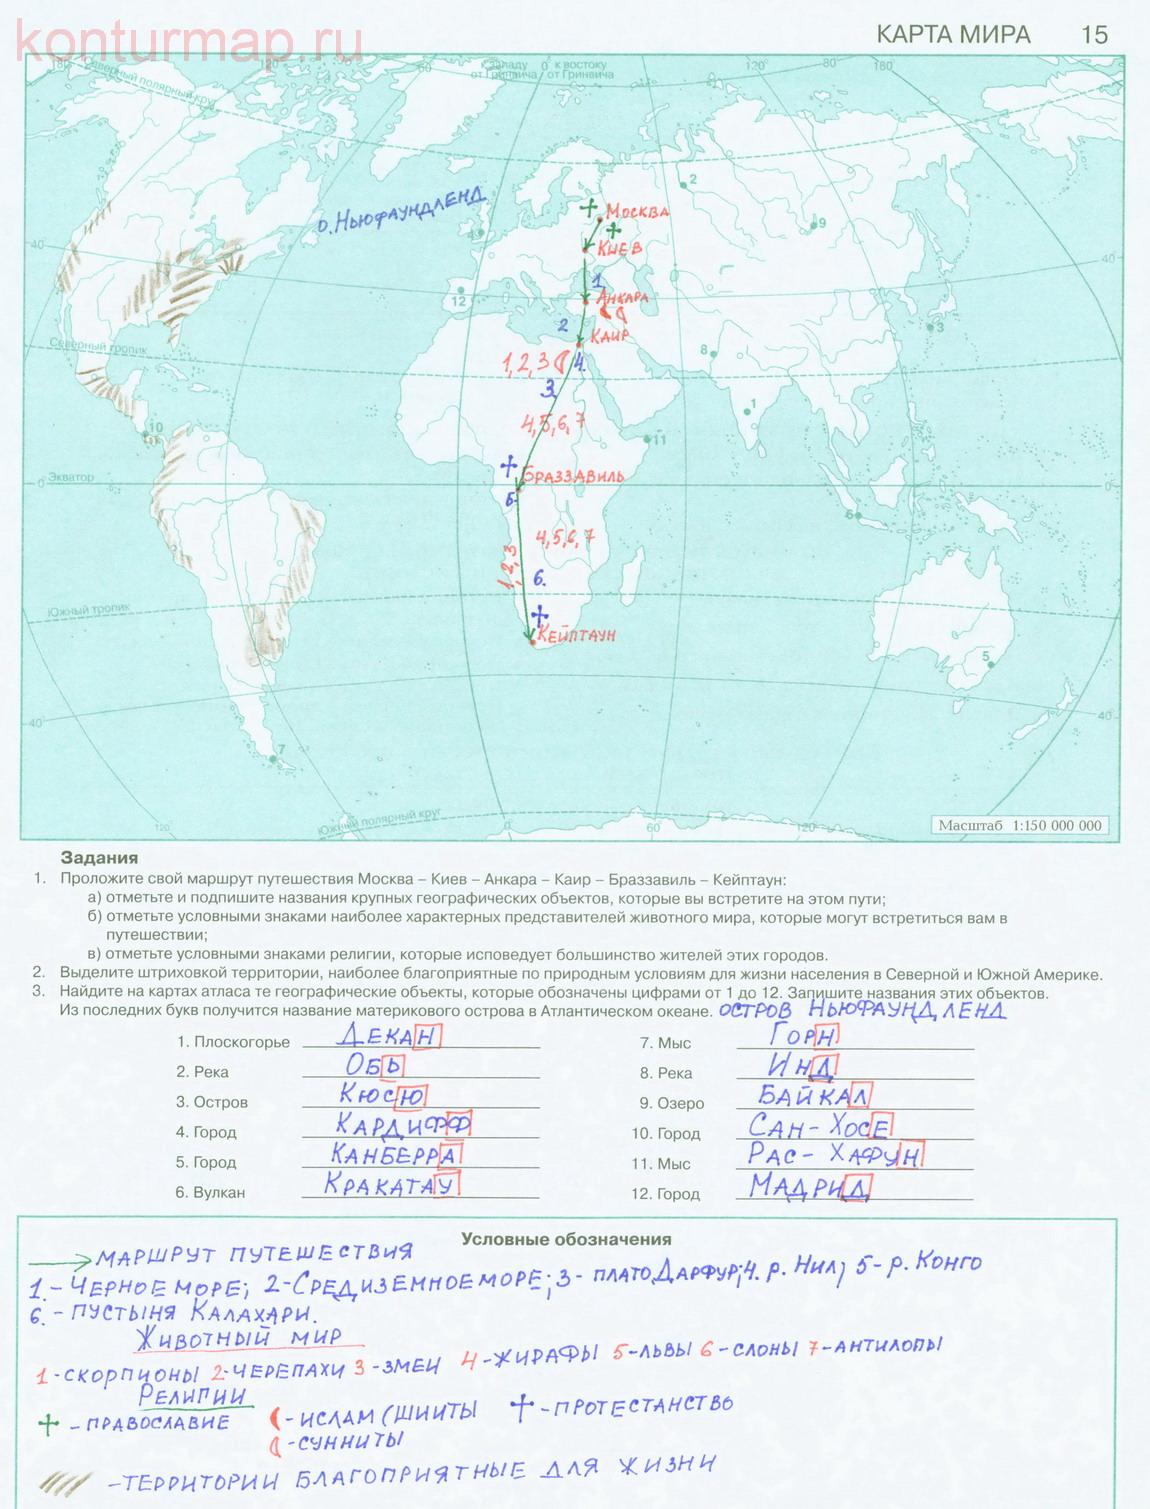 Гдз контурные карты по географии 7 класс дрофа атлантический океан